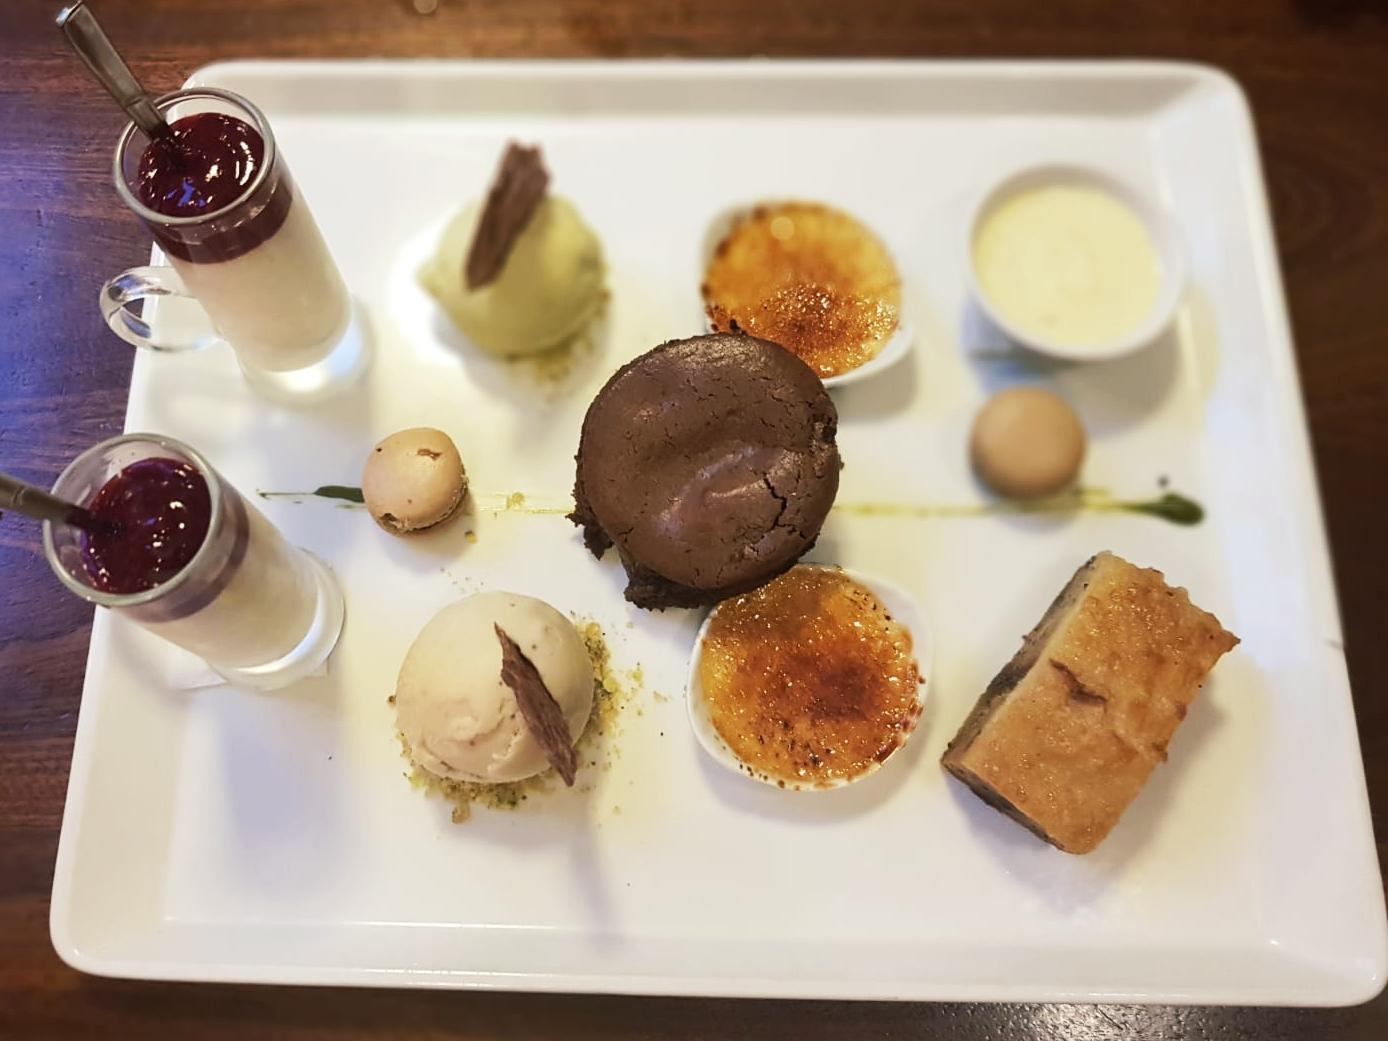 medley dessert